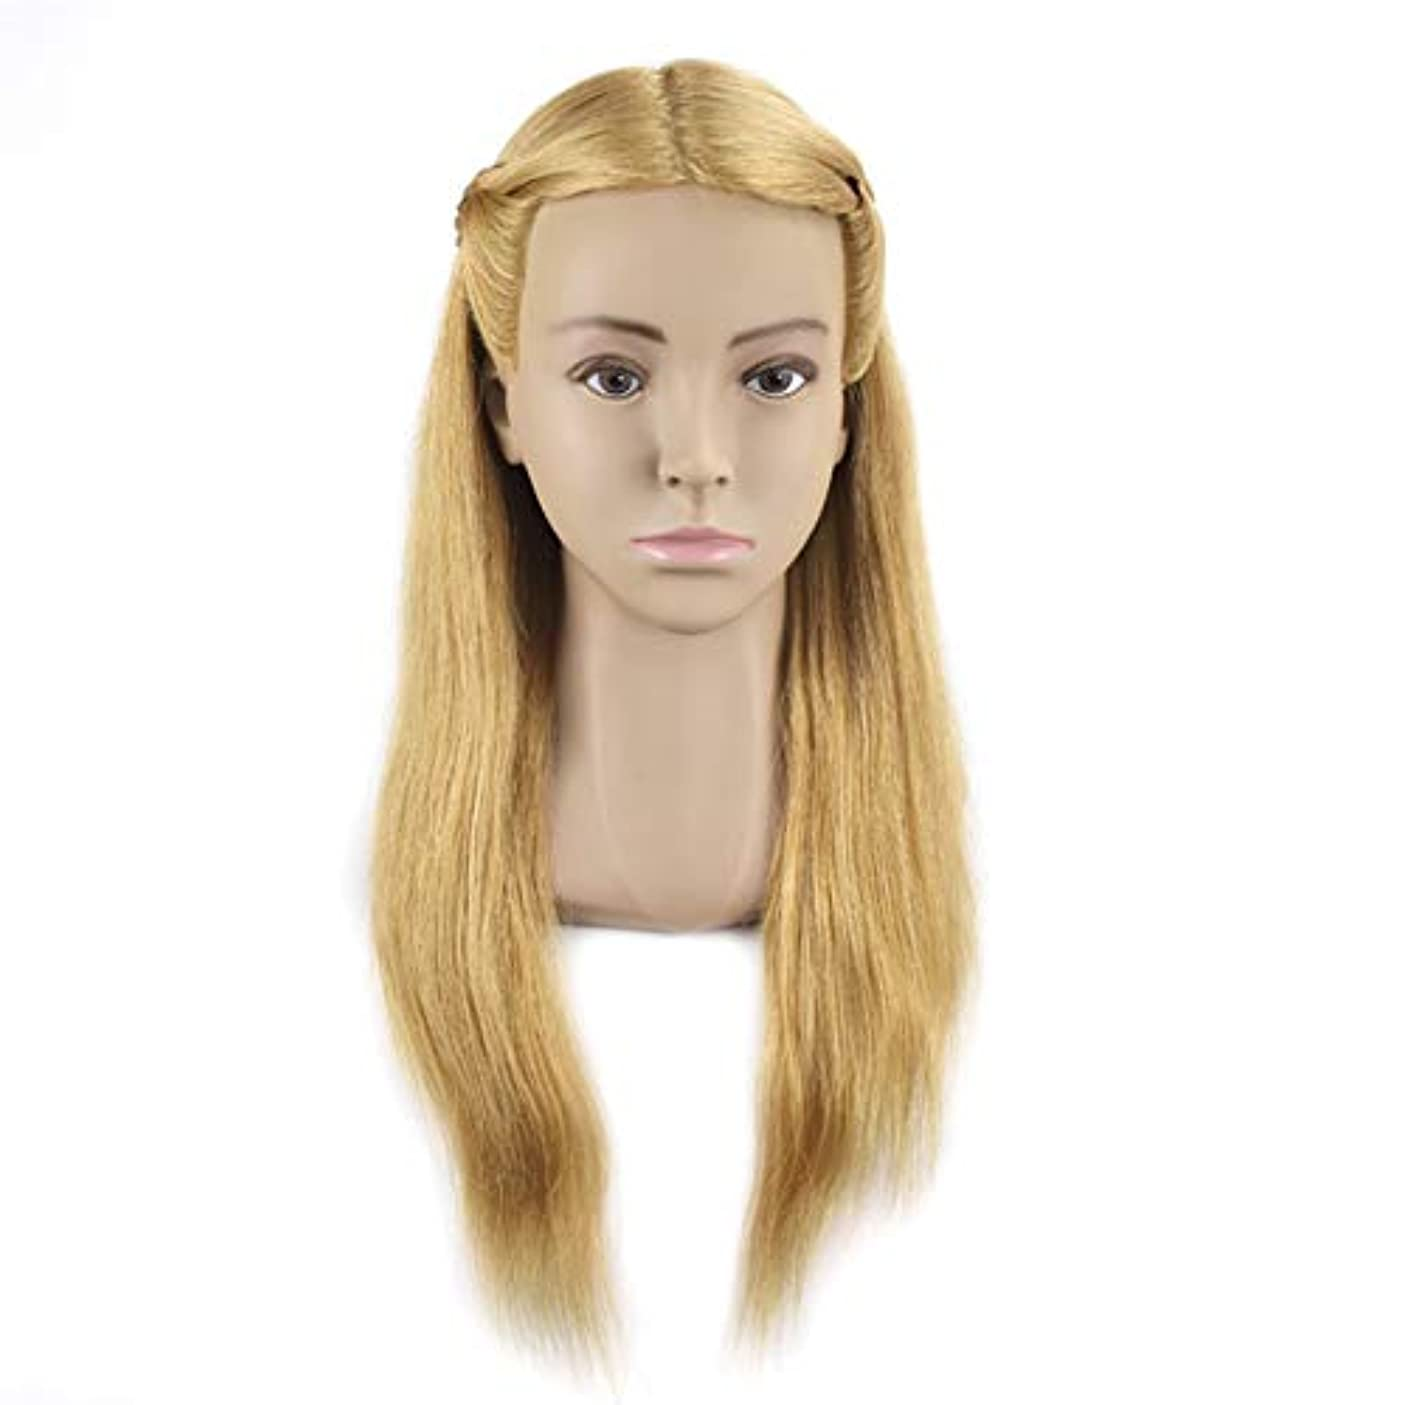 完全な人毛ヘアスタイリングモデルヘッド女性モデルヘッドティーチングヘッド理髪店編組髪染め学習ダミーヘッド